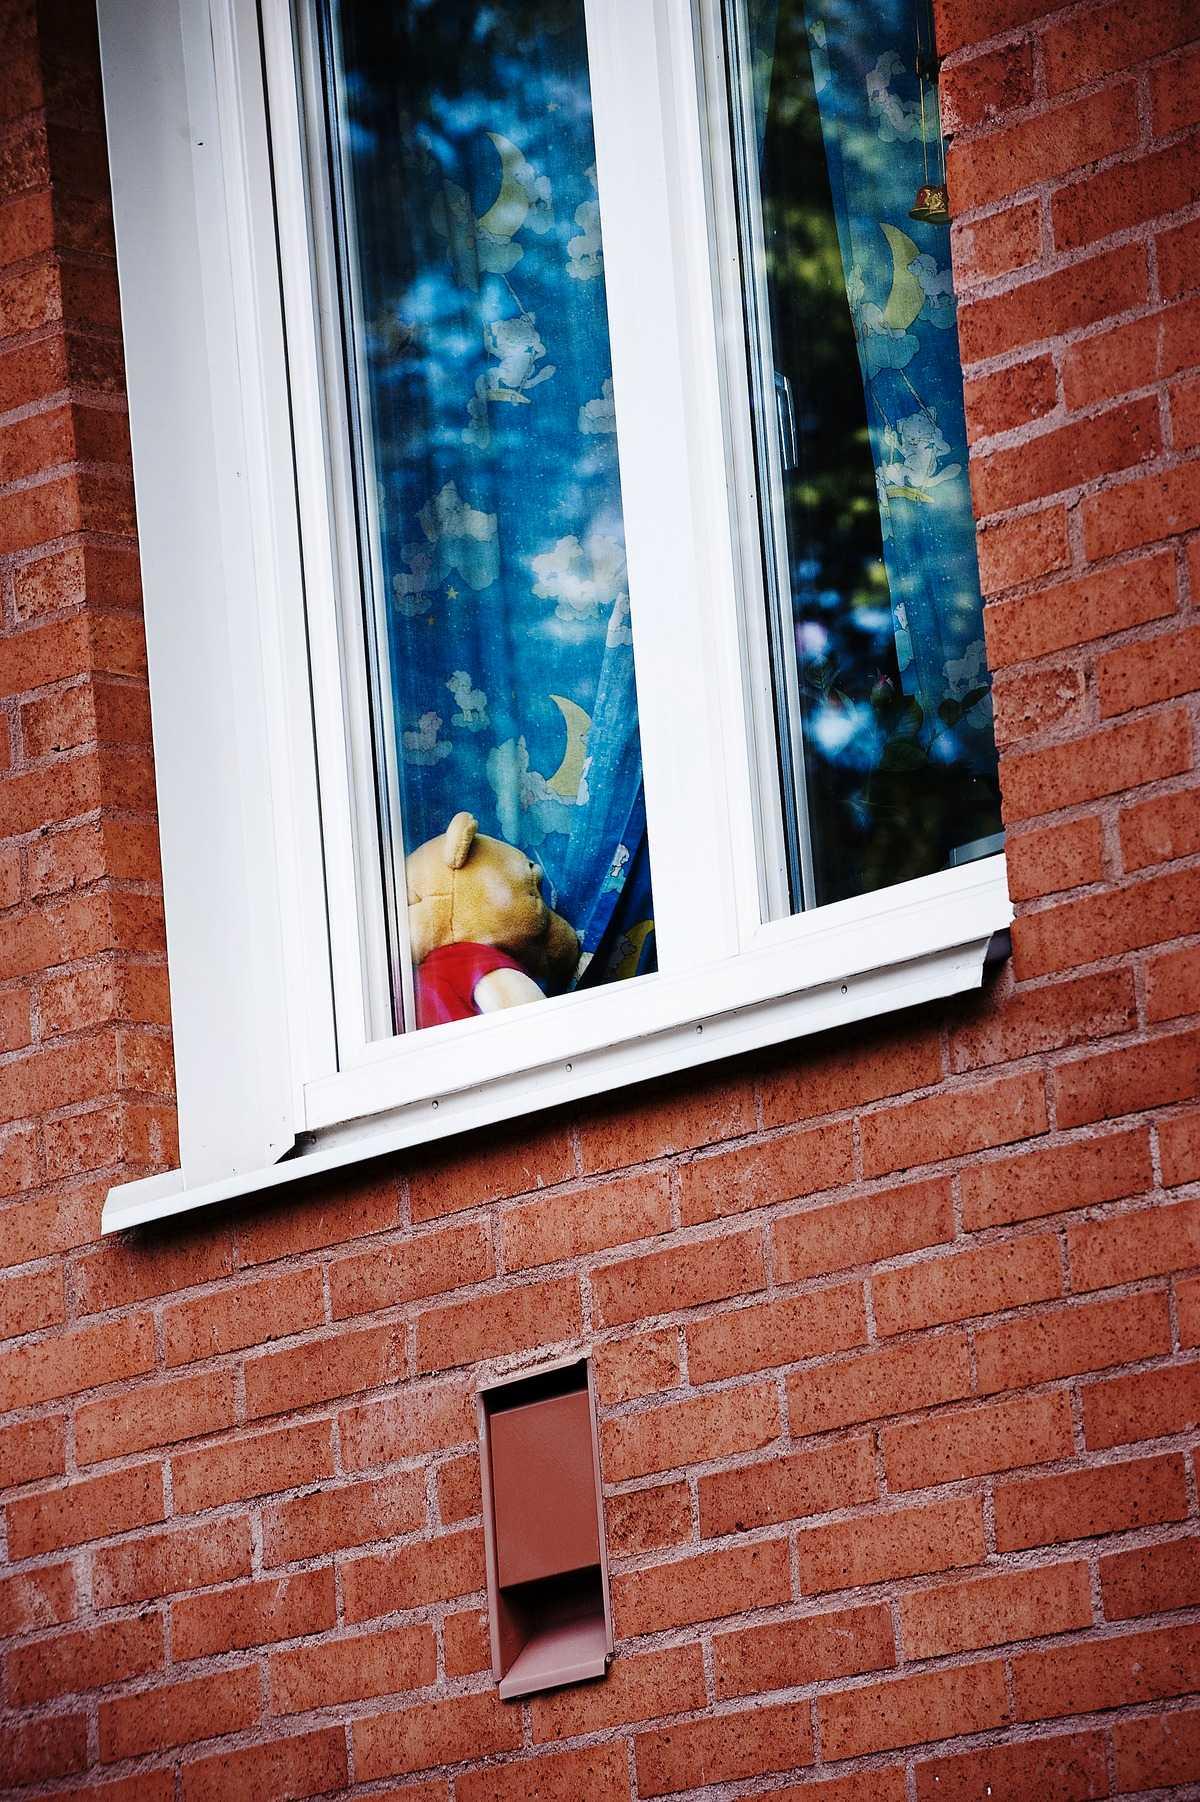 POJKRUMMET I fönstret till huset där sjuåringen mördades sitter en nallebjörn.